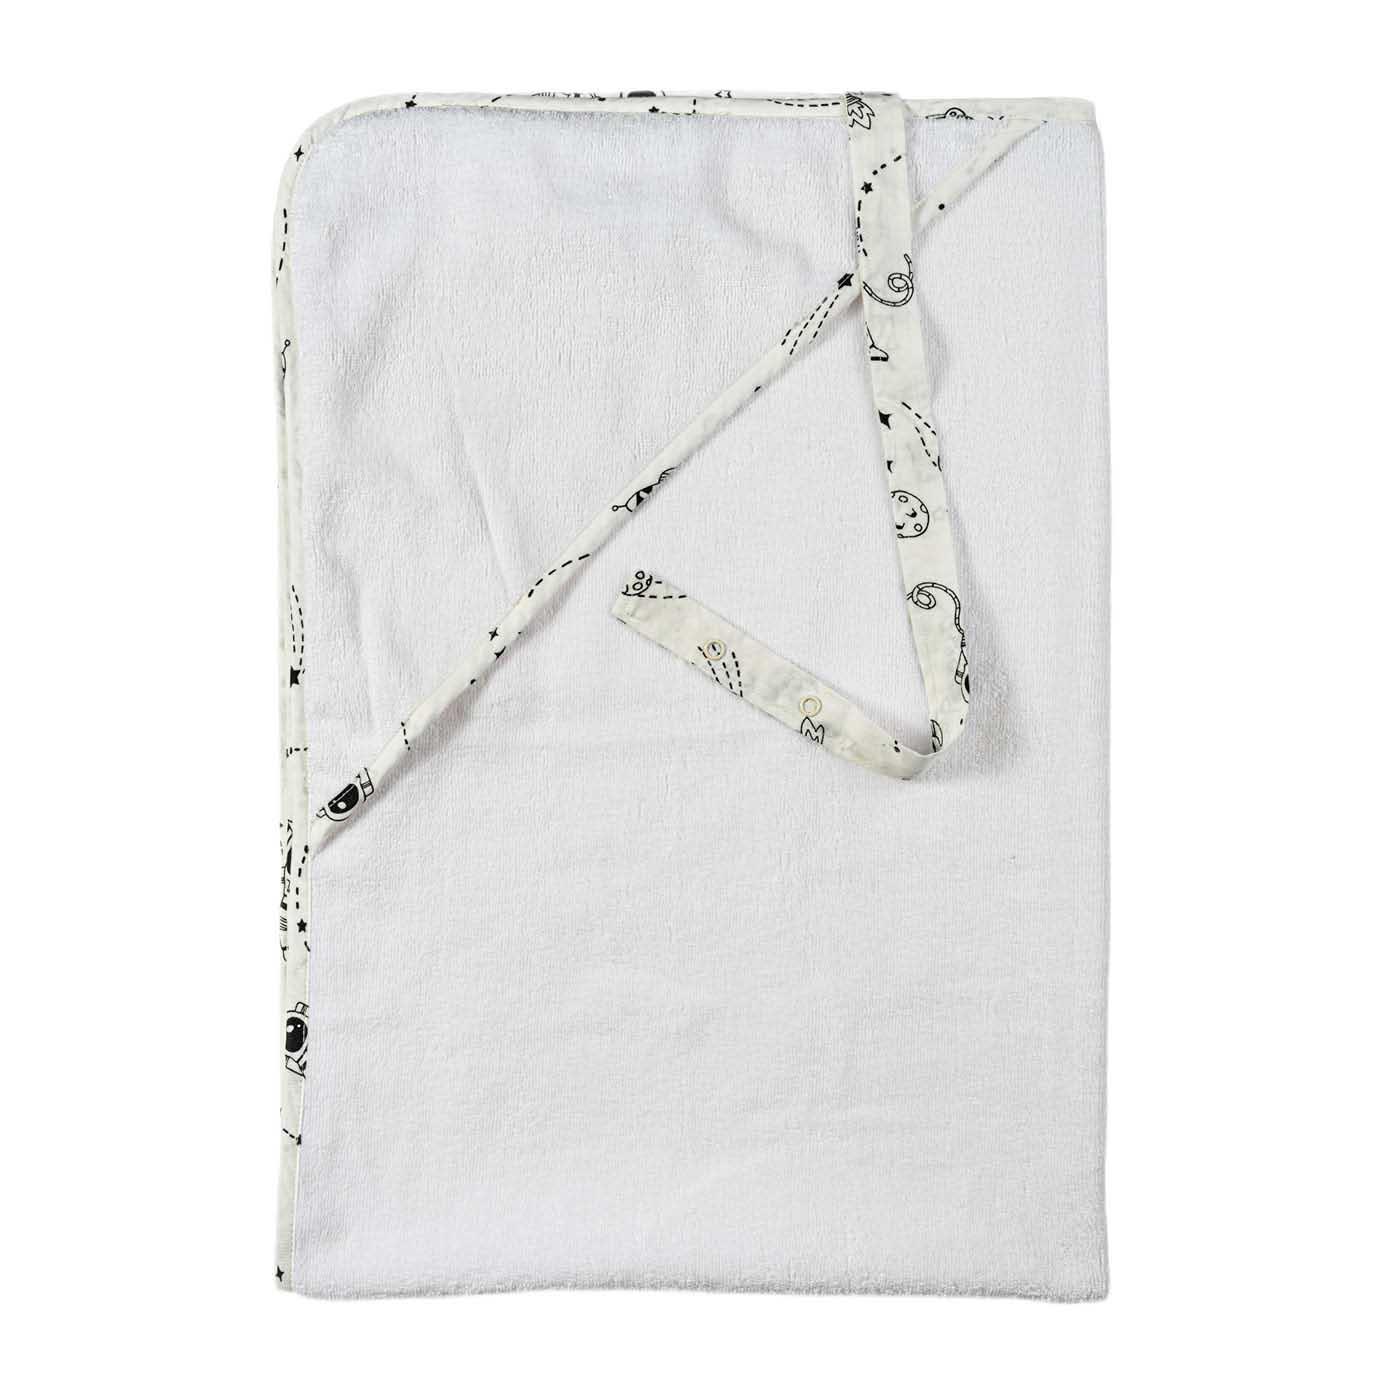 Loop towel - Space